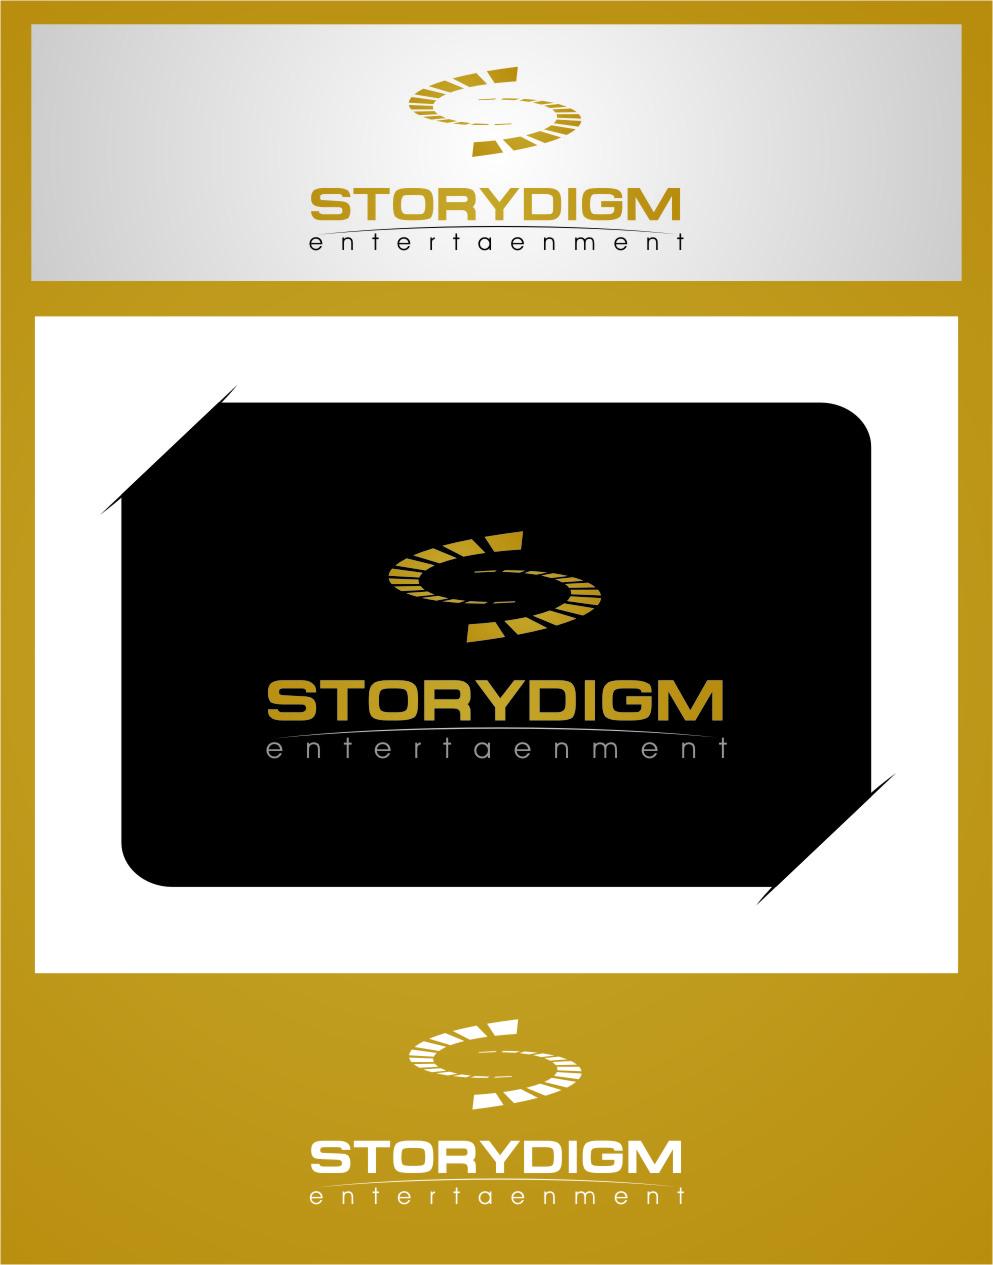 Logo Design by RasYa Muhammad Athaya - Entry No. 35 in the Logo Design Contest Inspiring Logo Design for Storydigm Entertainment.